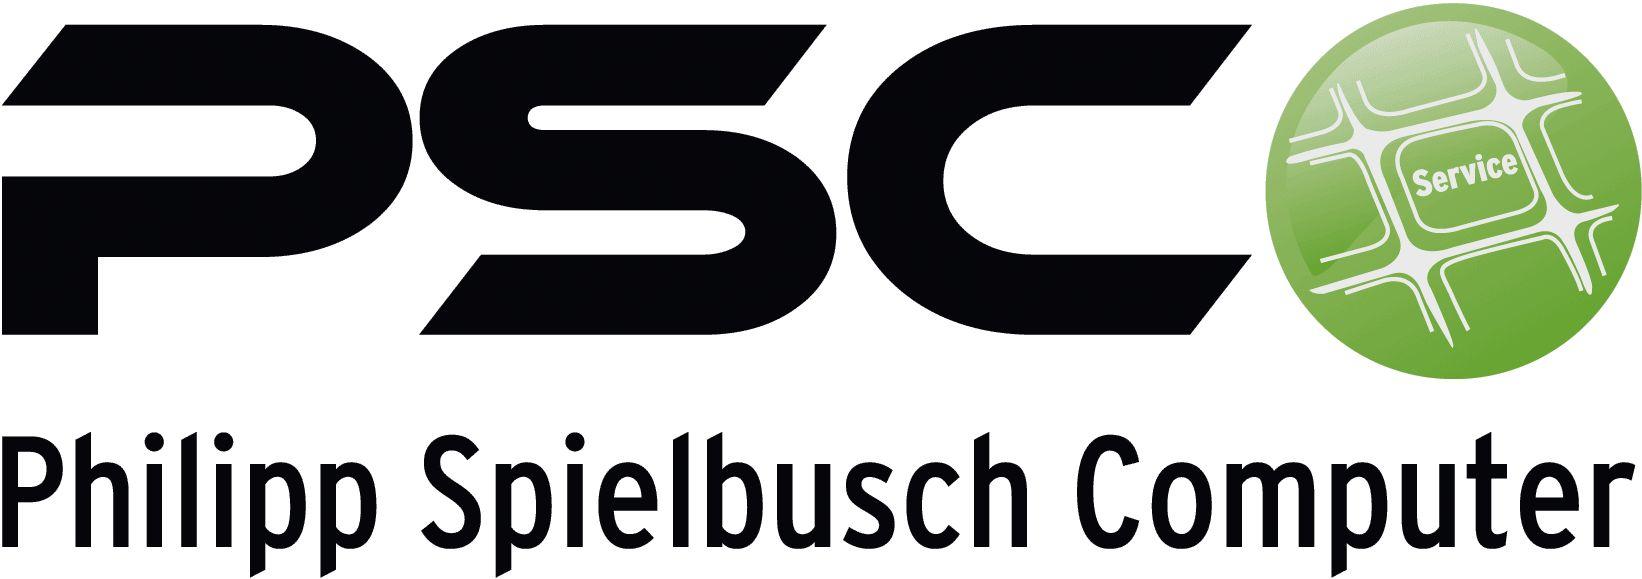 PSC | Philipp Spielbusch Computer